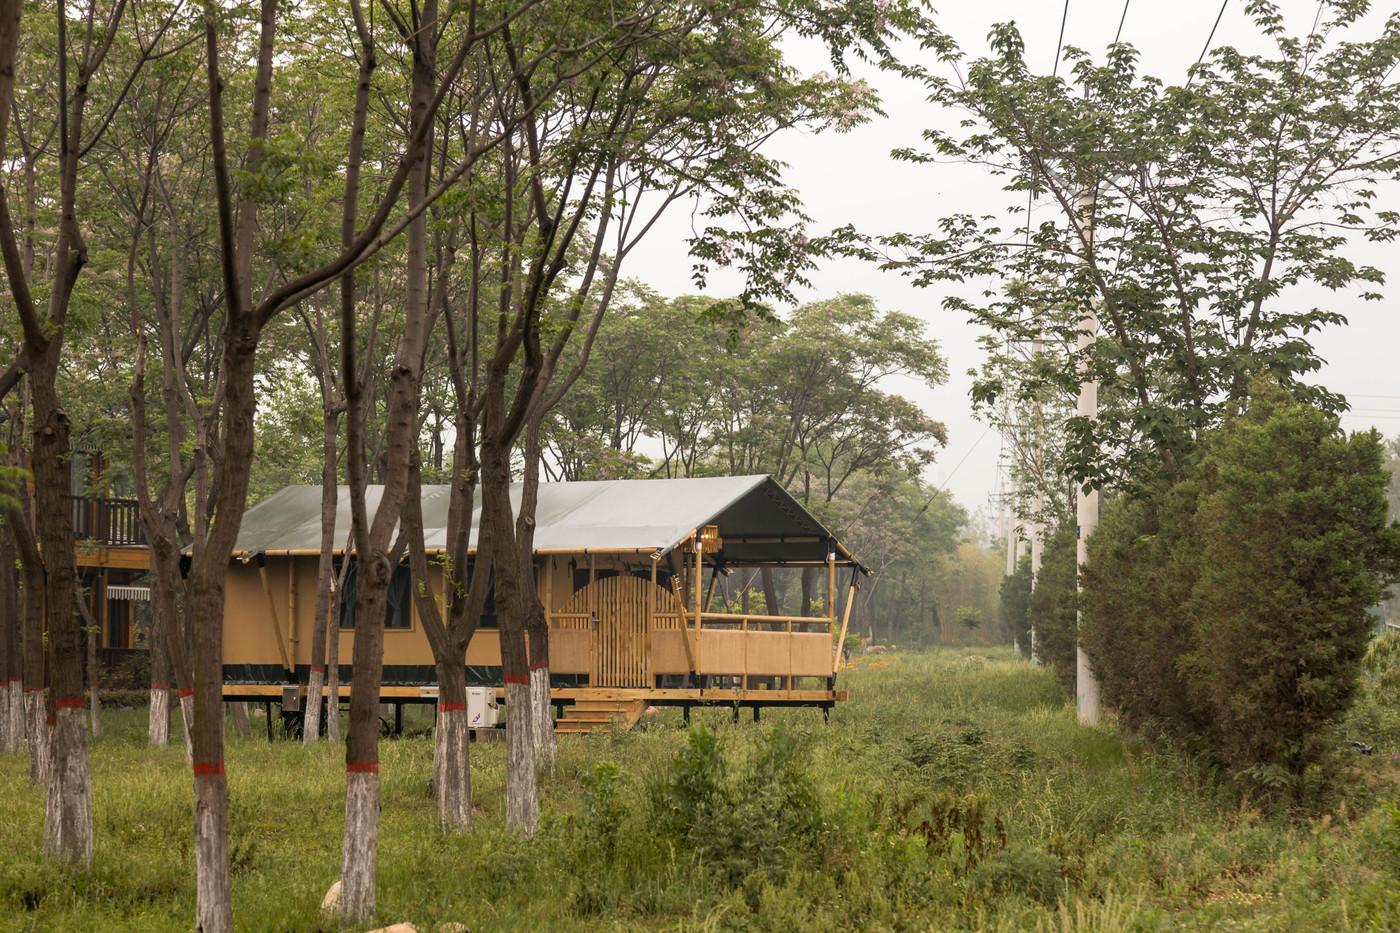 喜马拉雅野奢帐篷酒店—华山自驾游露营地(78平)16